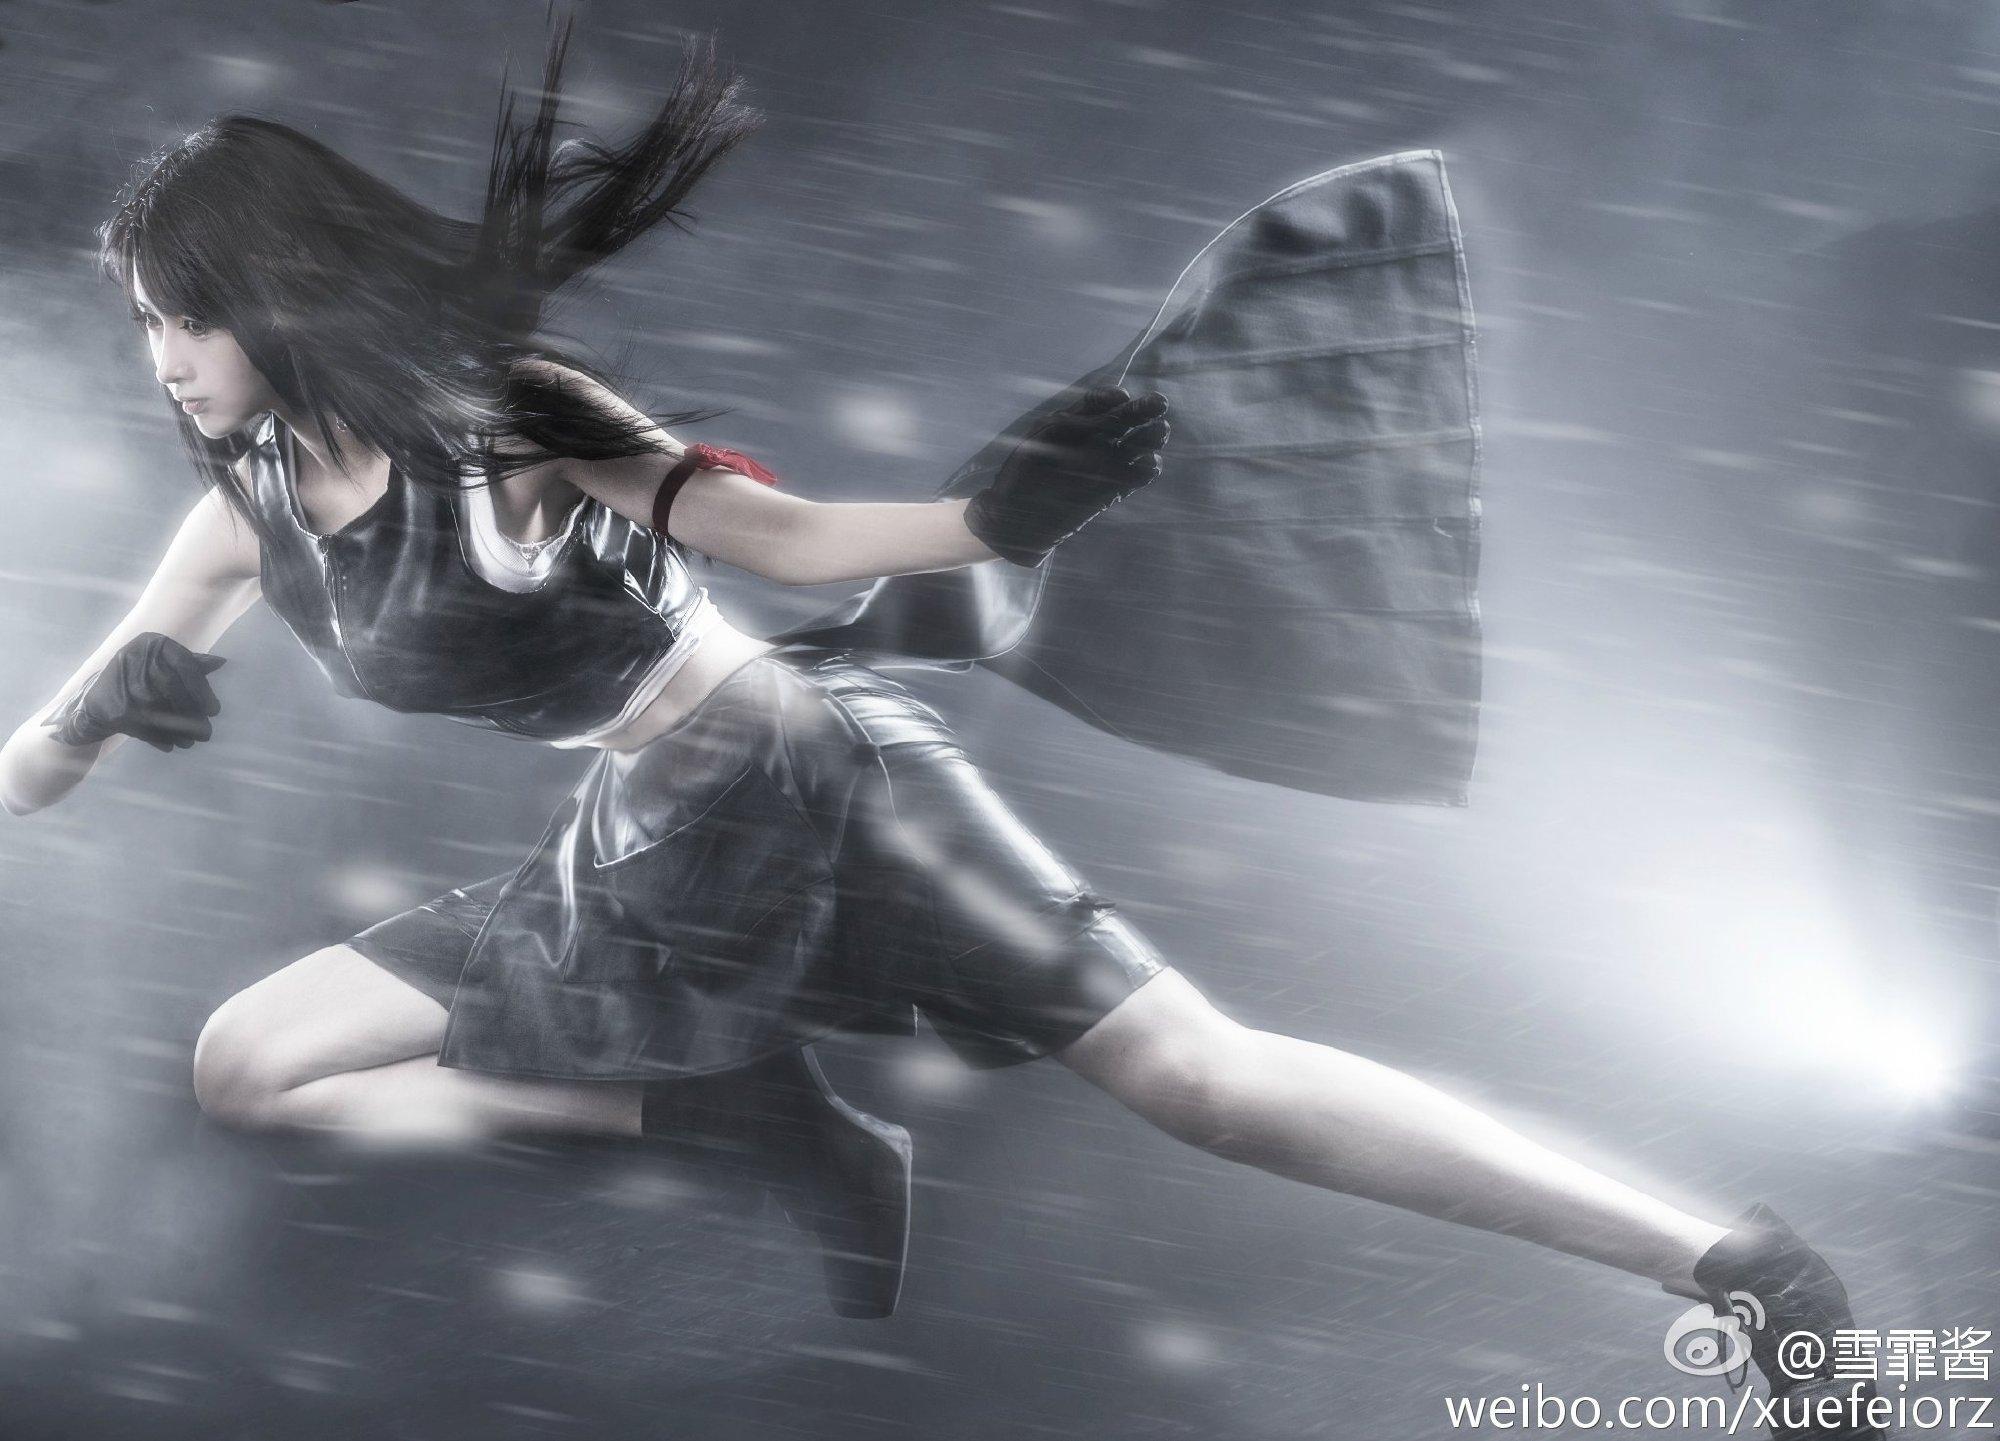 《最终幻想》正片cosplay【CN:雪霏Nova】 -泳装cosplay图片插图